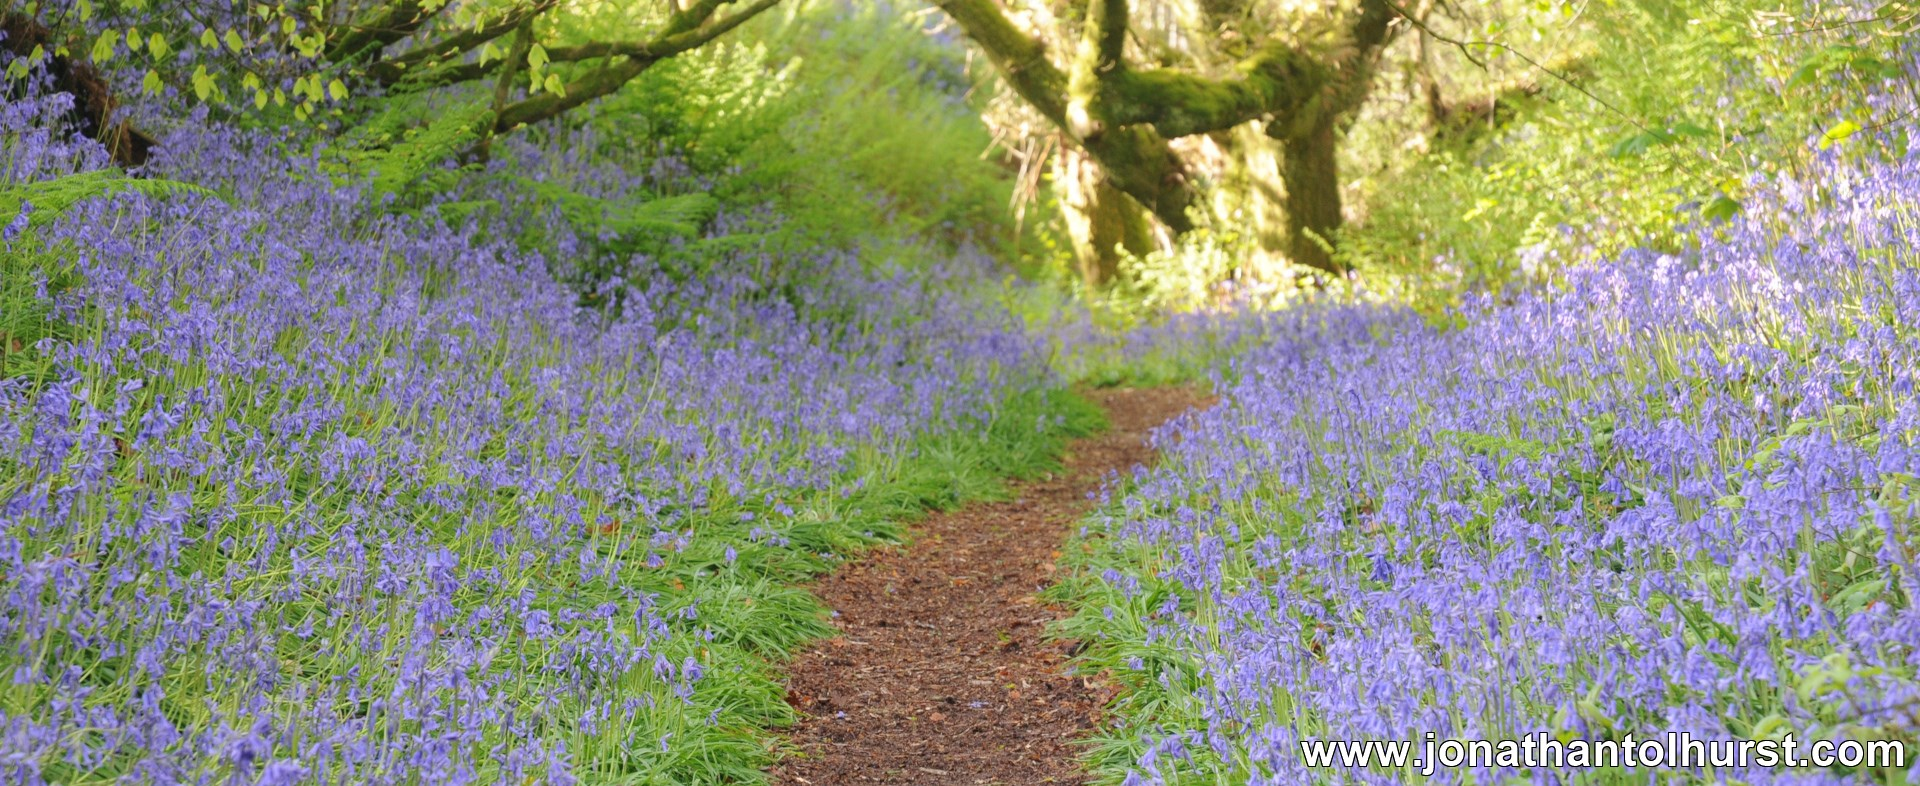 Bluebell Woods Coneys Castle Dorset Jonathan Tolhurst Photography